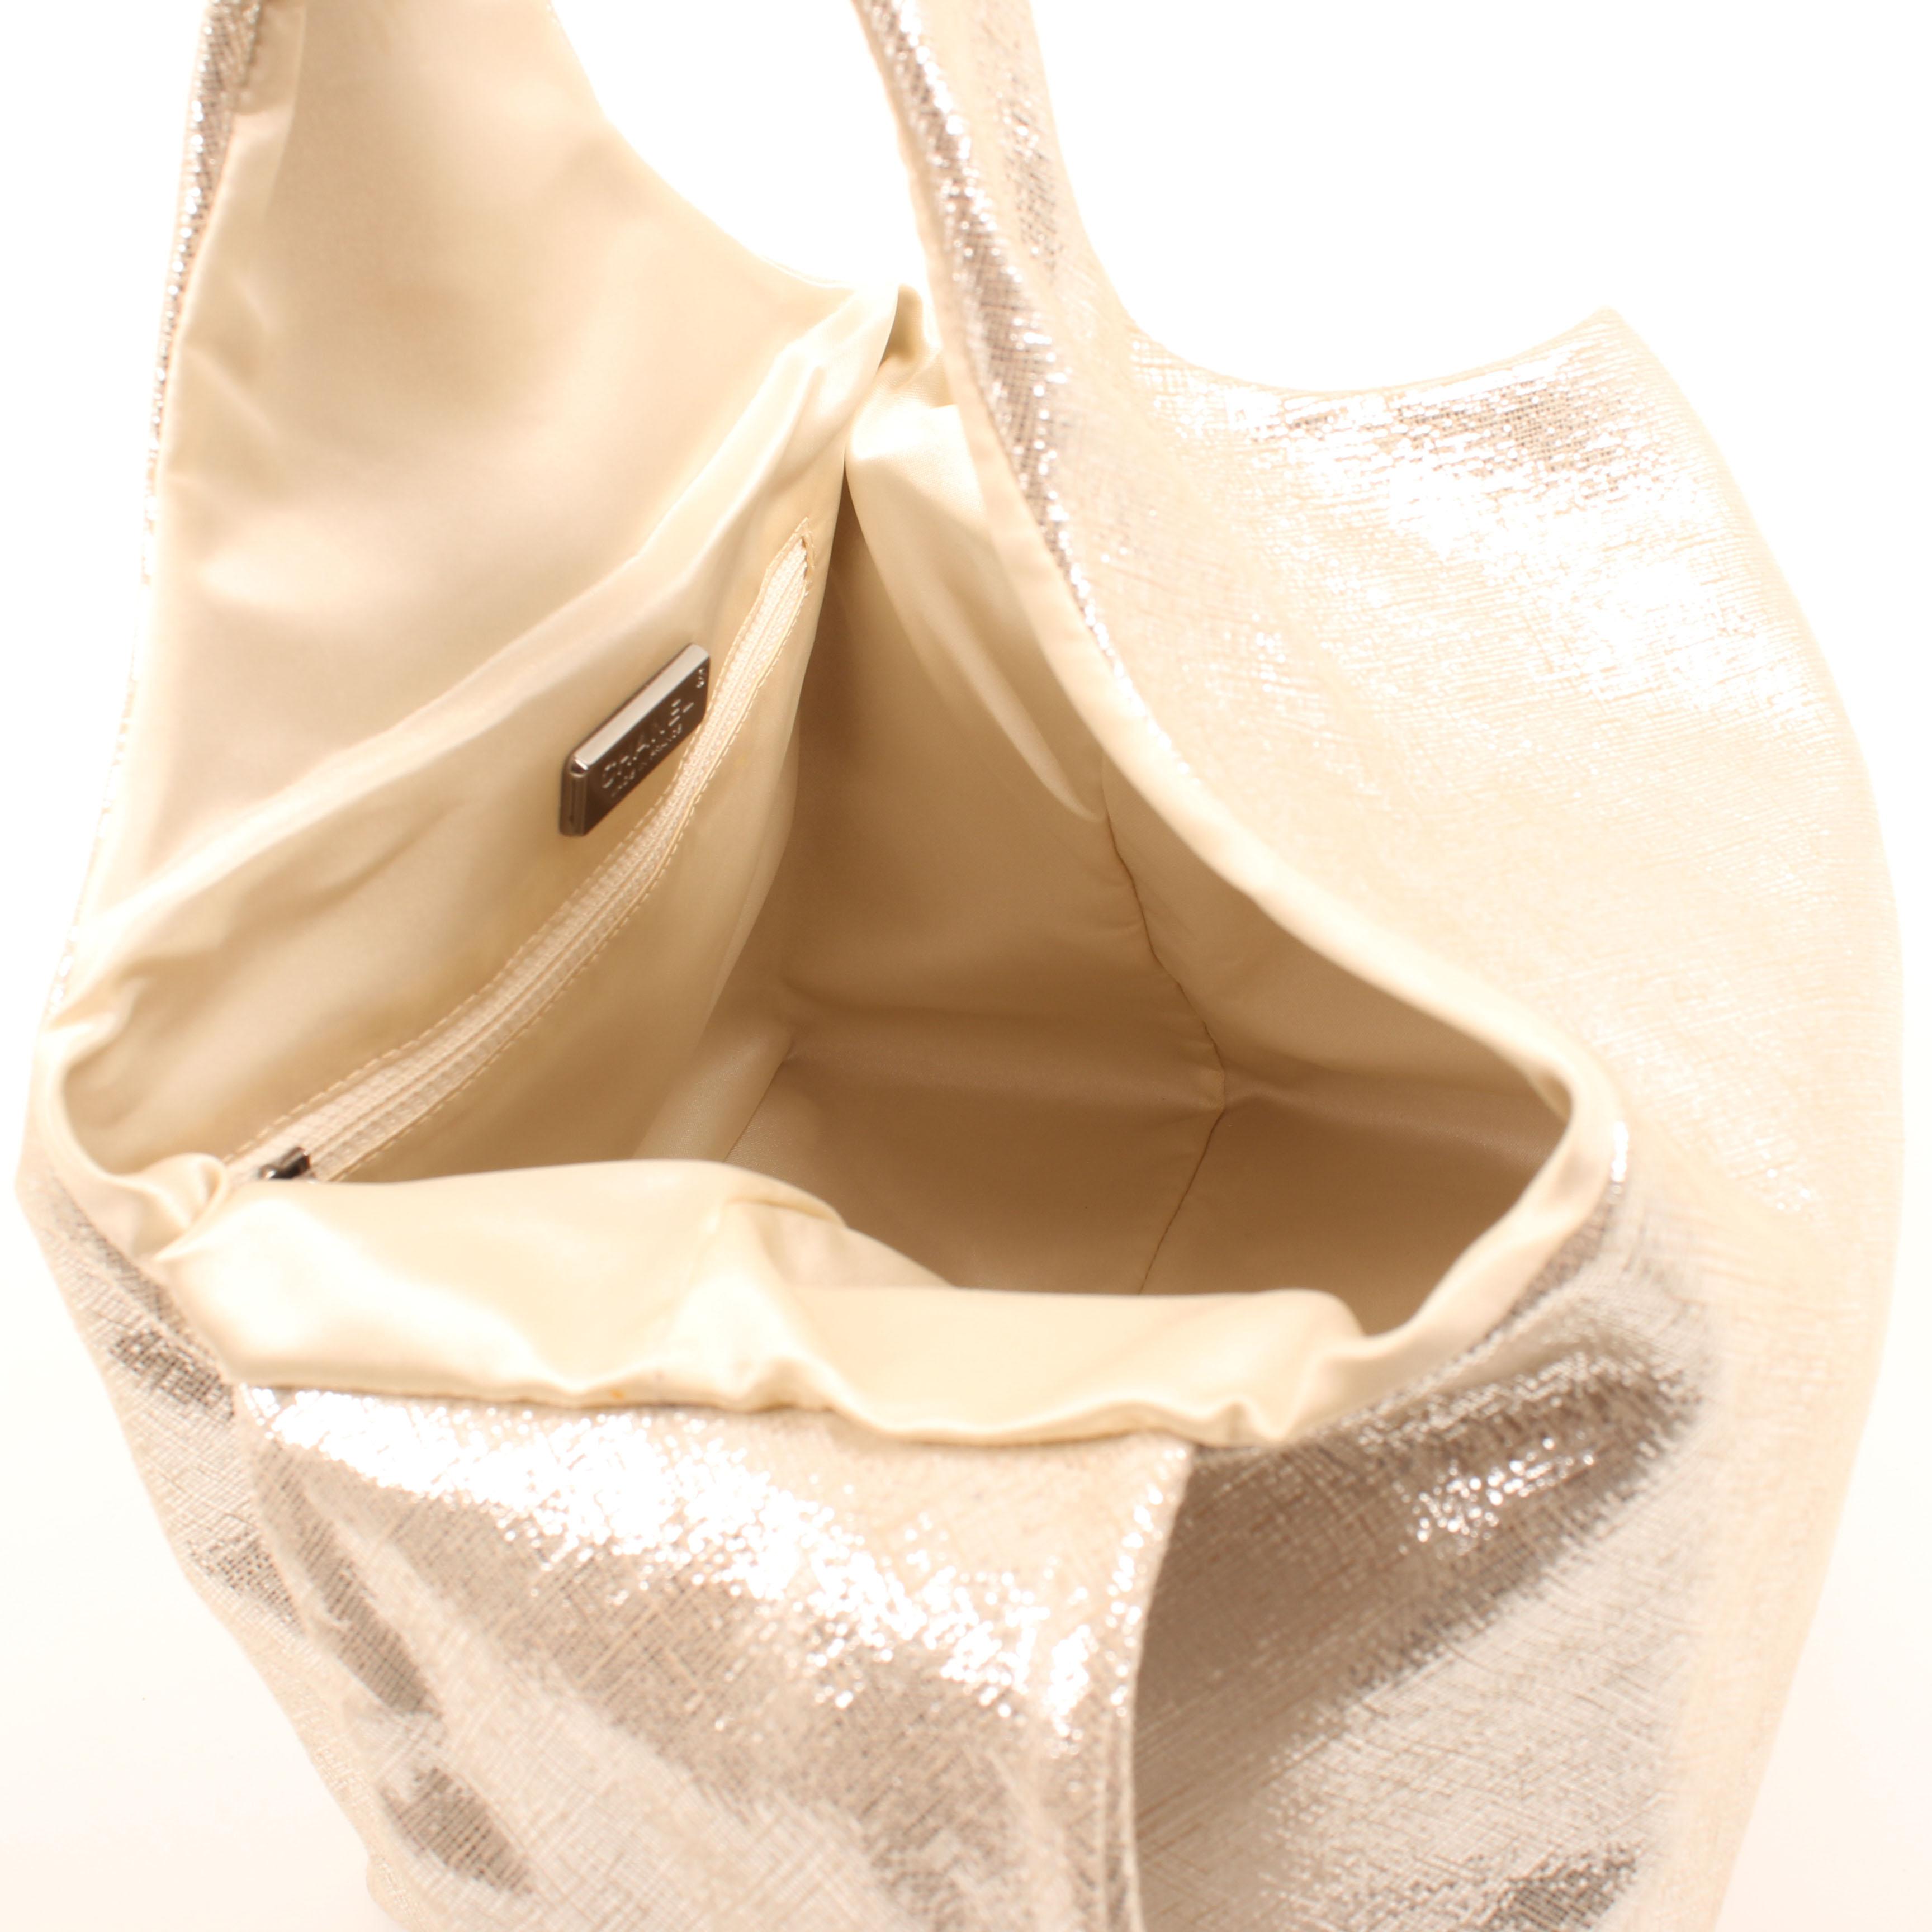 bolso hobo chanel lame metallic dorado interior